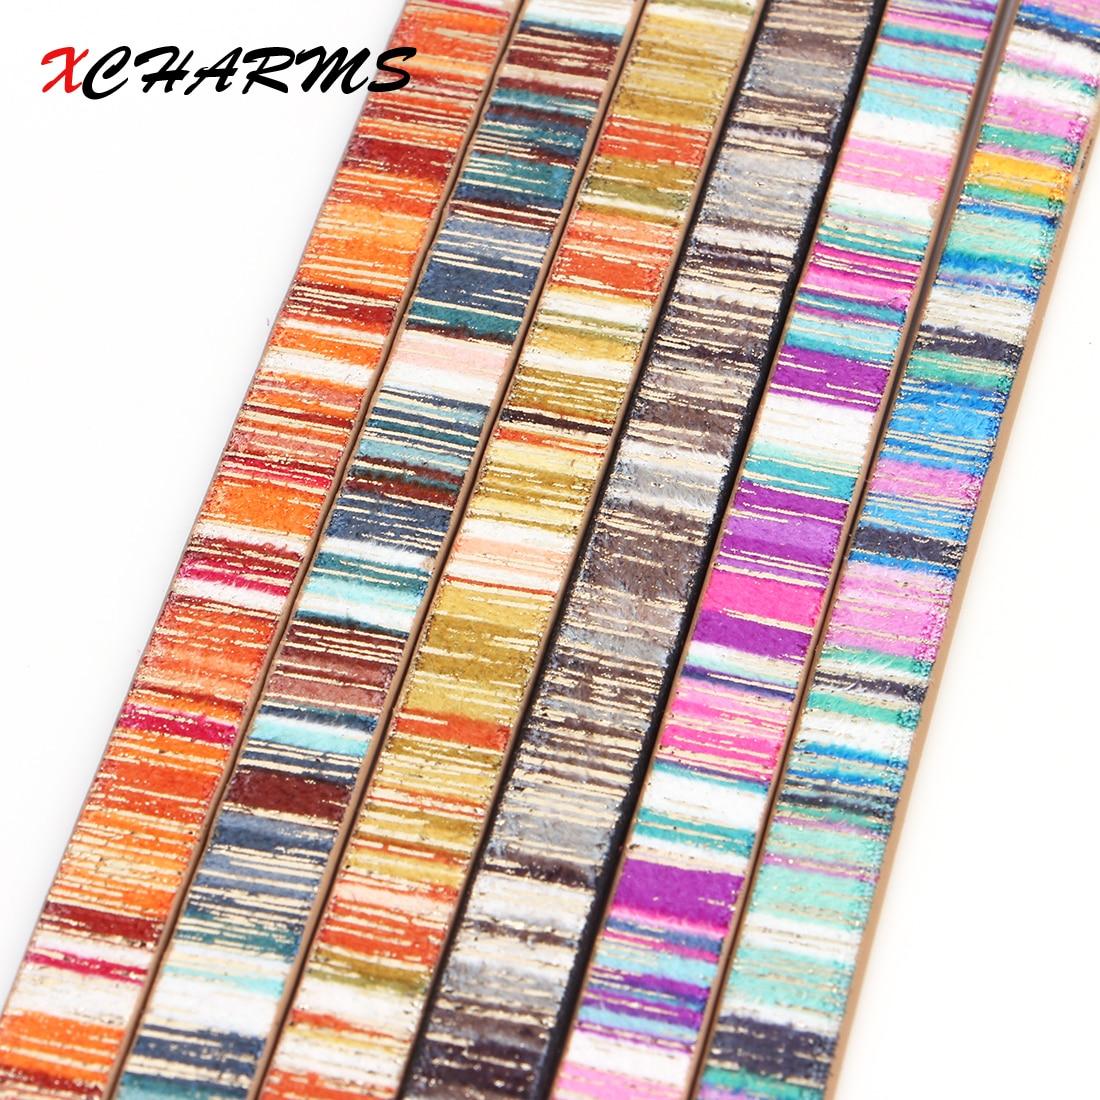 XCHARMS 10MM/cuerda de cuero/Arco Iris/piezas de accesorios/hallazgos de joyería/hecho a mano/Fabricación de joyas/material de pulsera